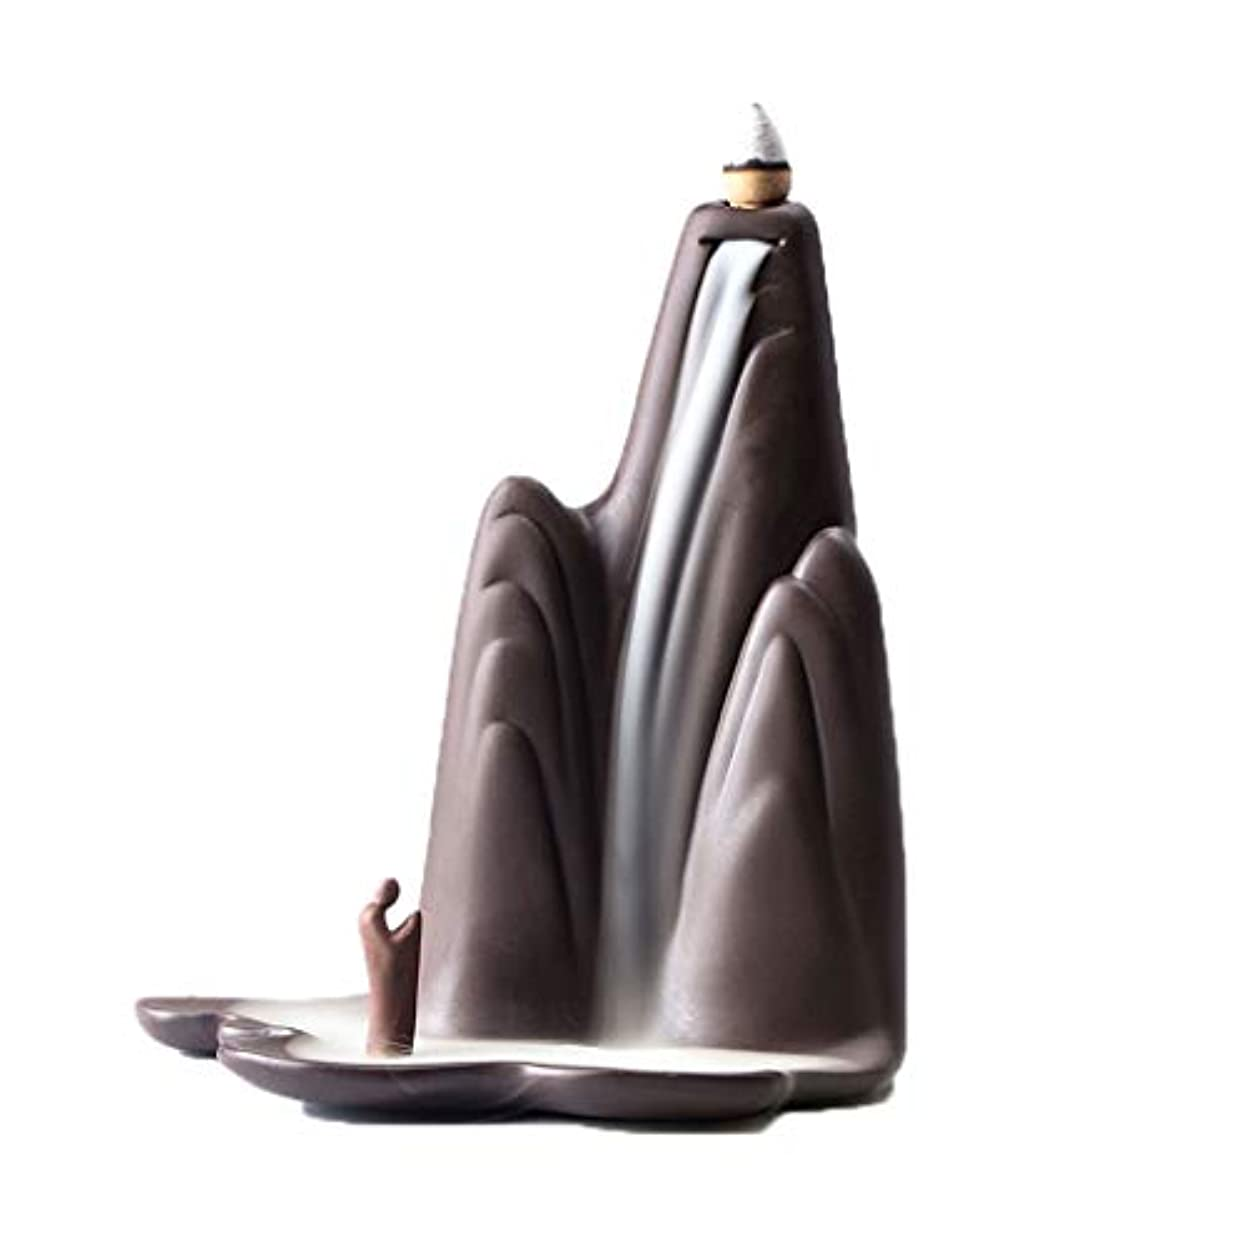 餌ドラフトうなる芳香器?アロマバーナー レトロな懐かしい香炉紫砂香バーナー屋内茶道香バーナーアロマセラピー炉 アロマバーナー (Color : Purple sand)